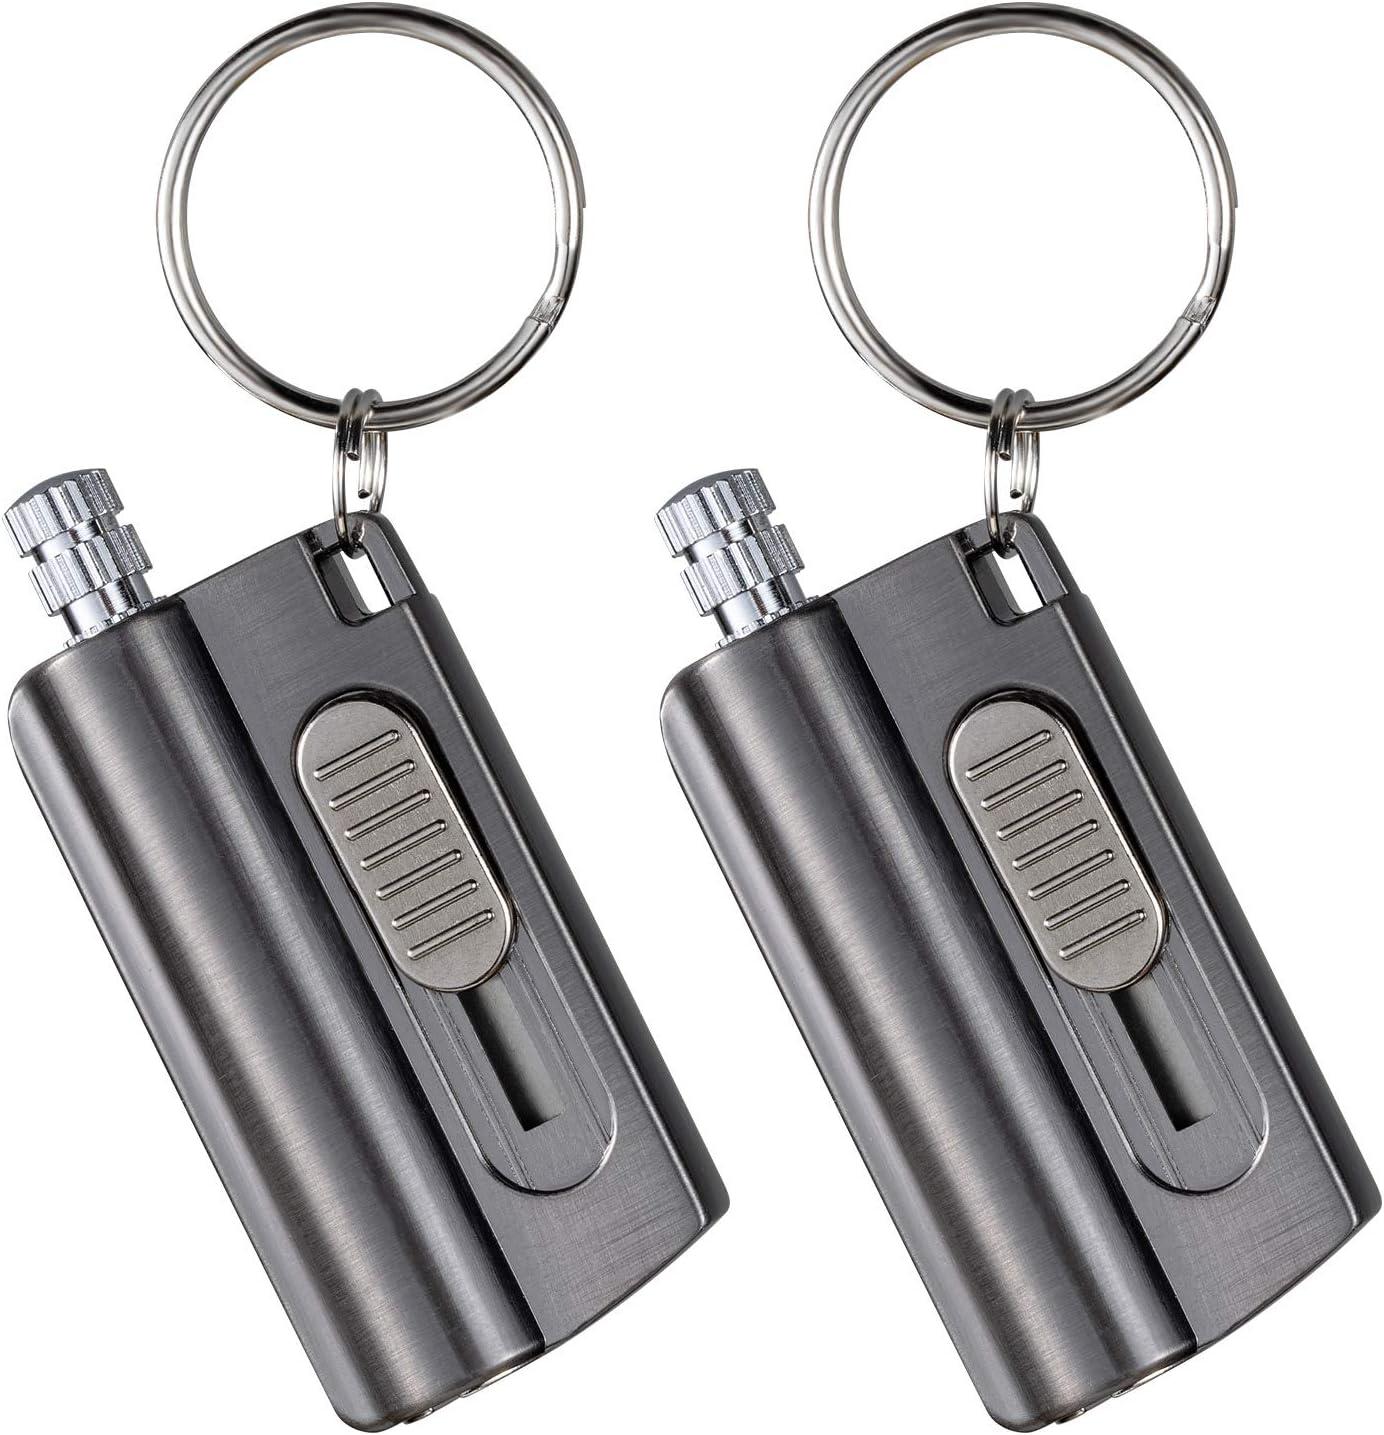 Morisk 2 Pack Permanent Match Keychain, Waterproof Flint Fire Starter Lighter Fluid Refillable, EDC Forever Reusable Firestarter, Never Ending Matches Strike Anywhere for Outdoor Survival Emergency